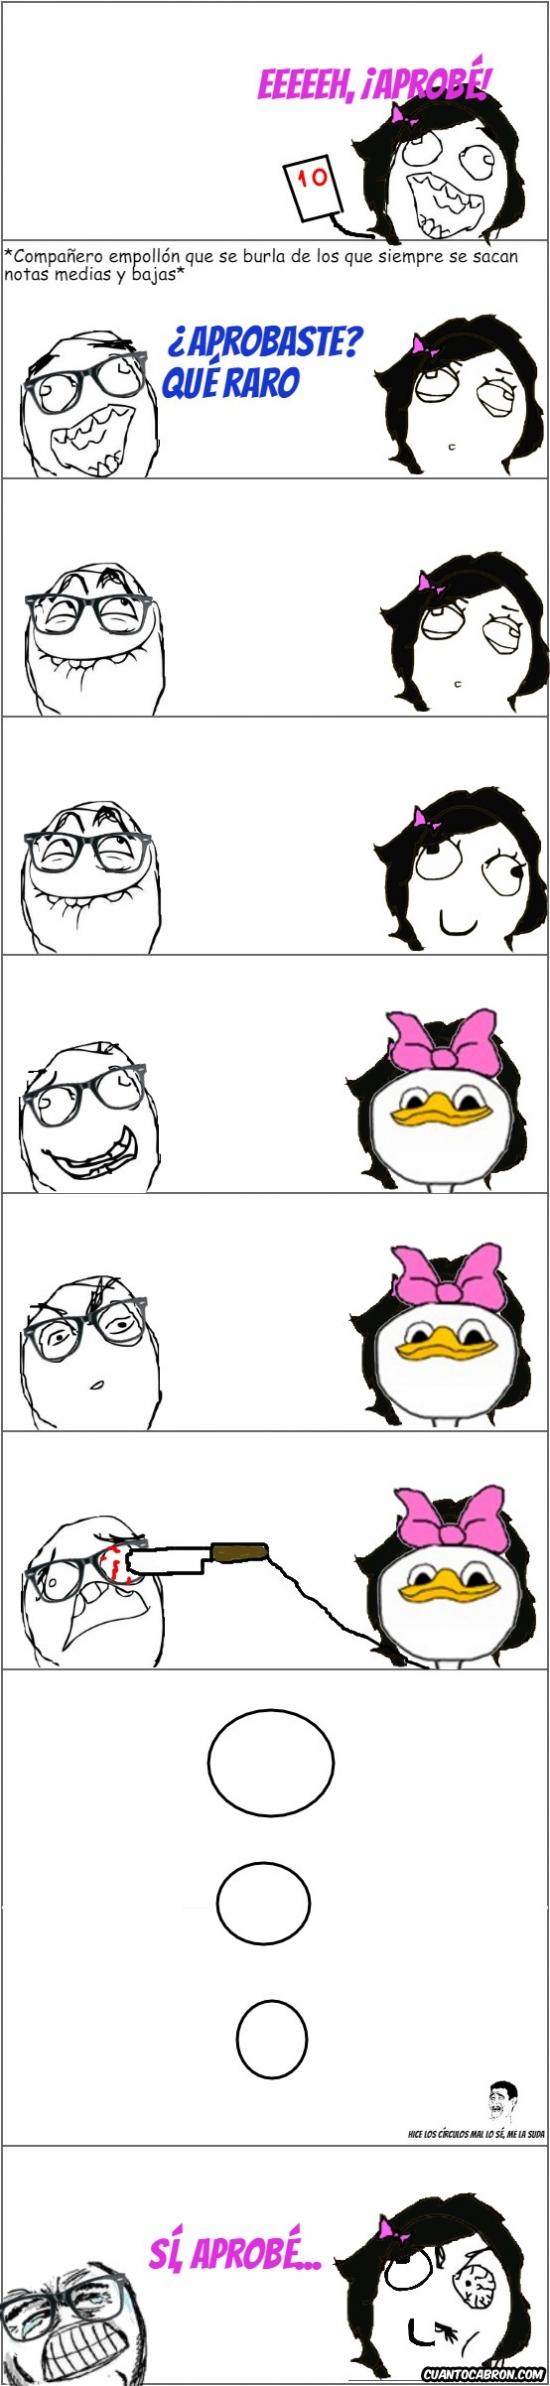 Dolan - Malditos empollones...